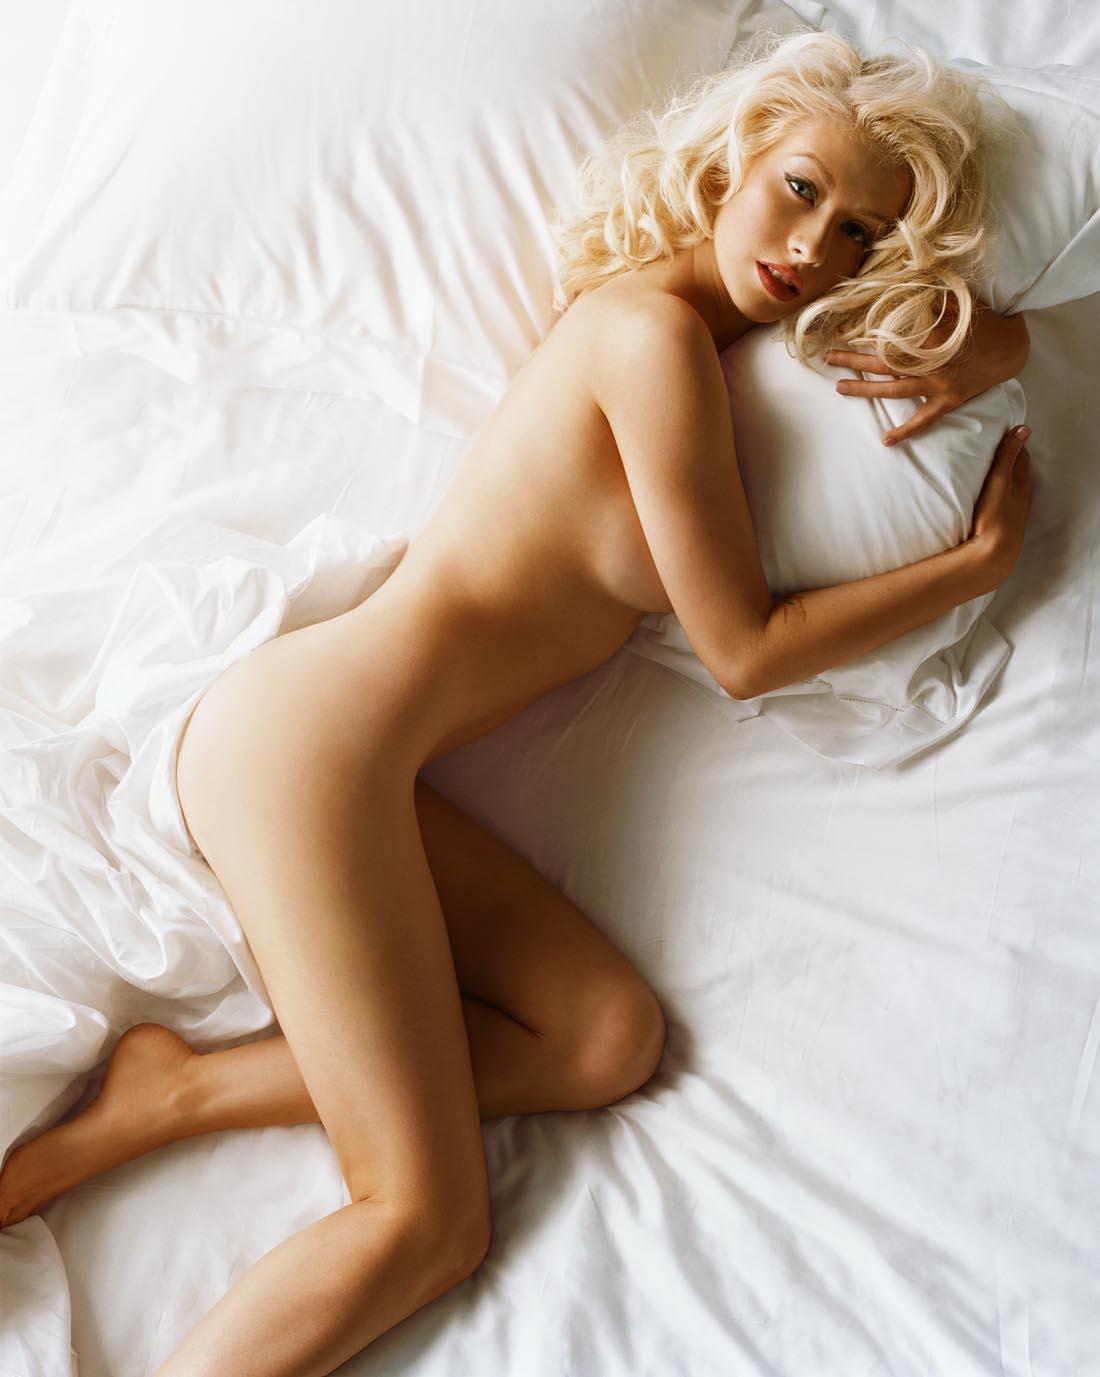 http://1.bp.blogspot.com/_qSvnsf2HMCc/TQCuE0JaweI/AAAAAAAABMc/2605zBmvppU/s1600/Christina3.jpg